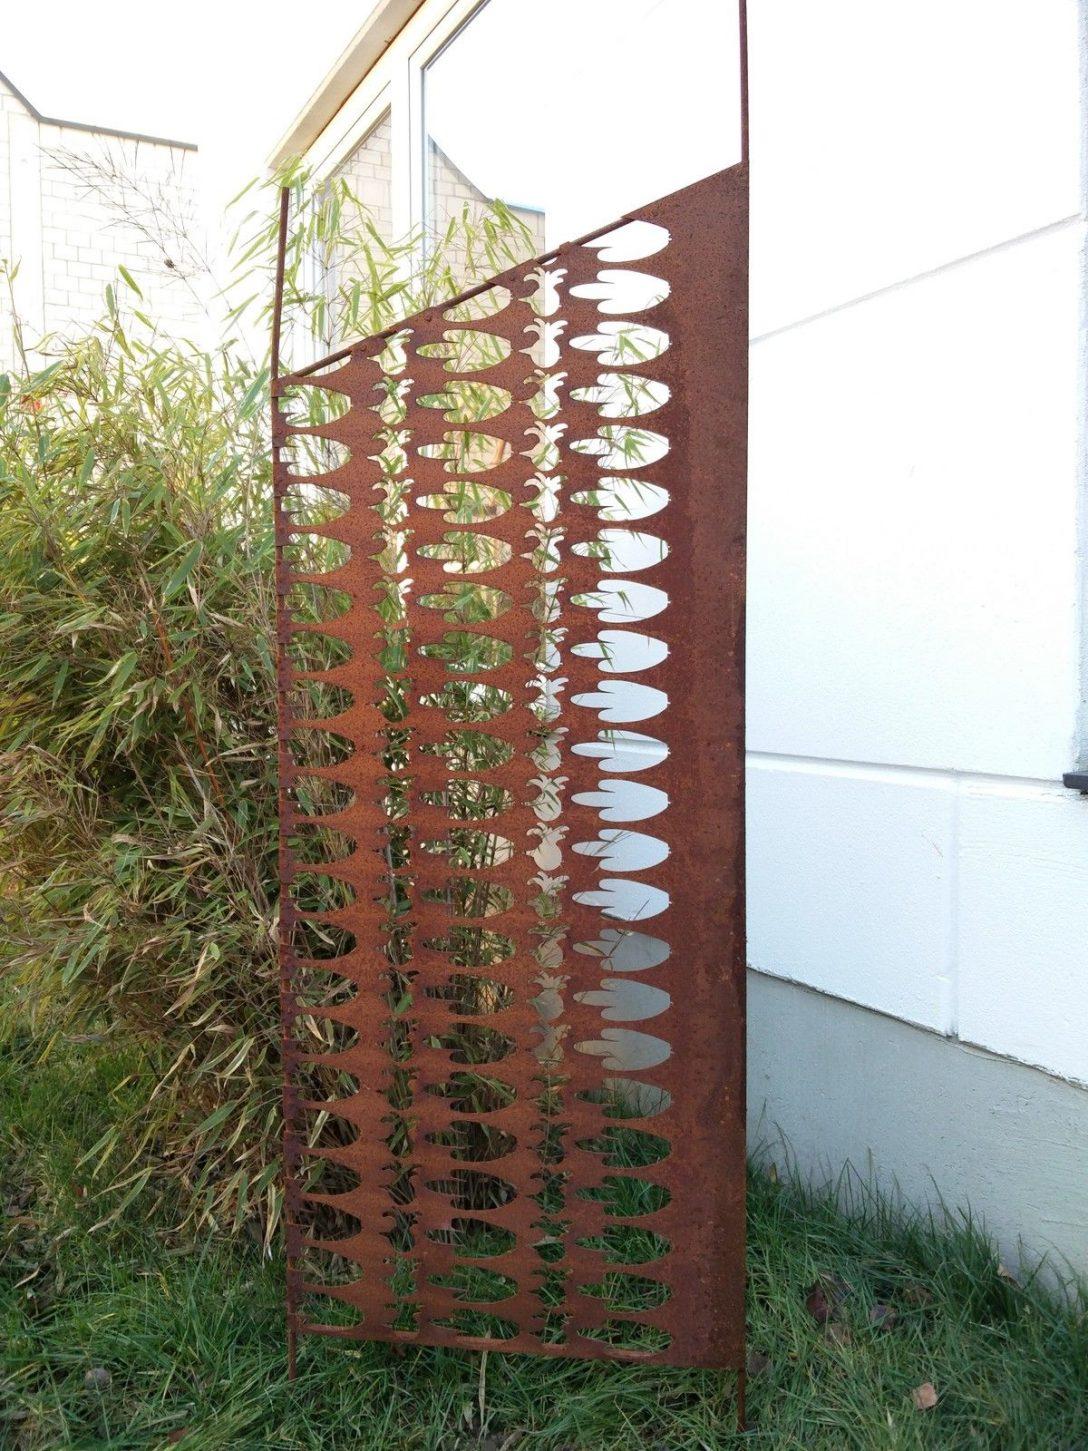 Large Size of Garten Relaxsessel Sichtschutz Holz Aufbewahrungsbox Für Bewässerungssysteme Test Trampolin Stapelstühle Lounge Sessel Skulpturen Bewässerung Sauna Garten Trennwände Garten